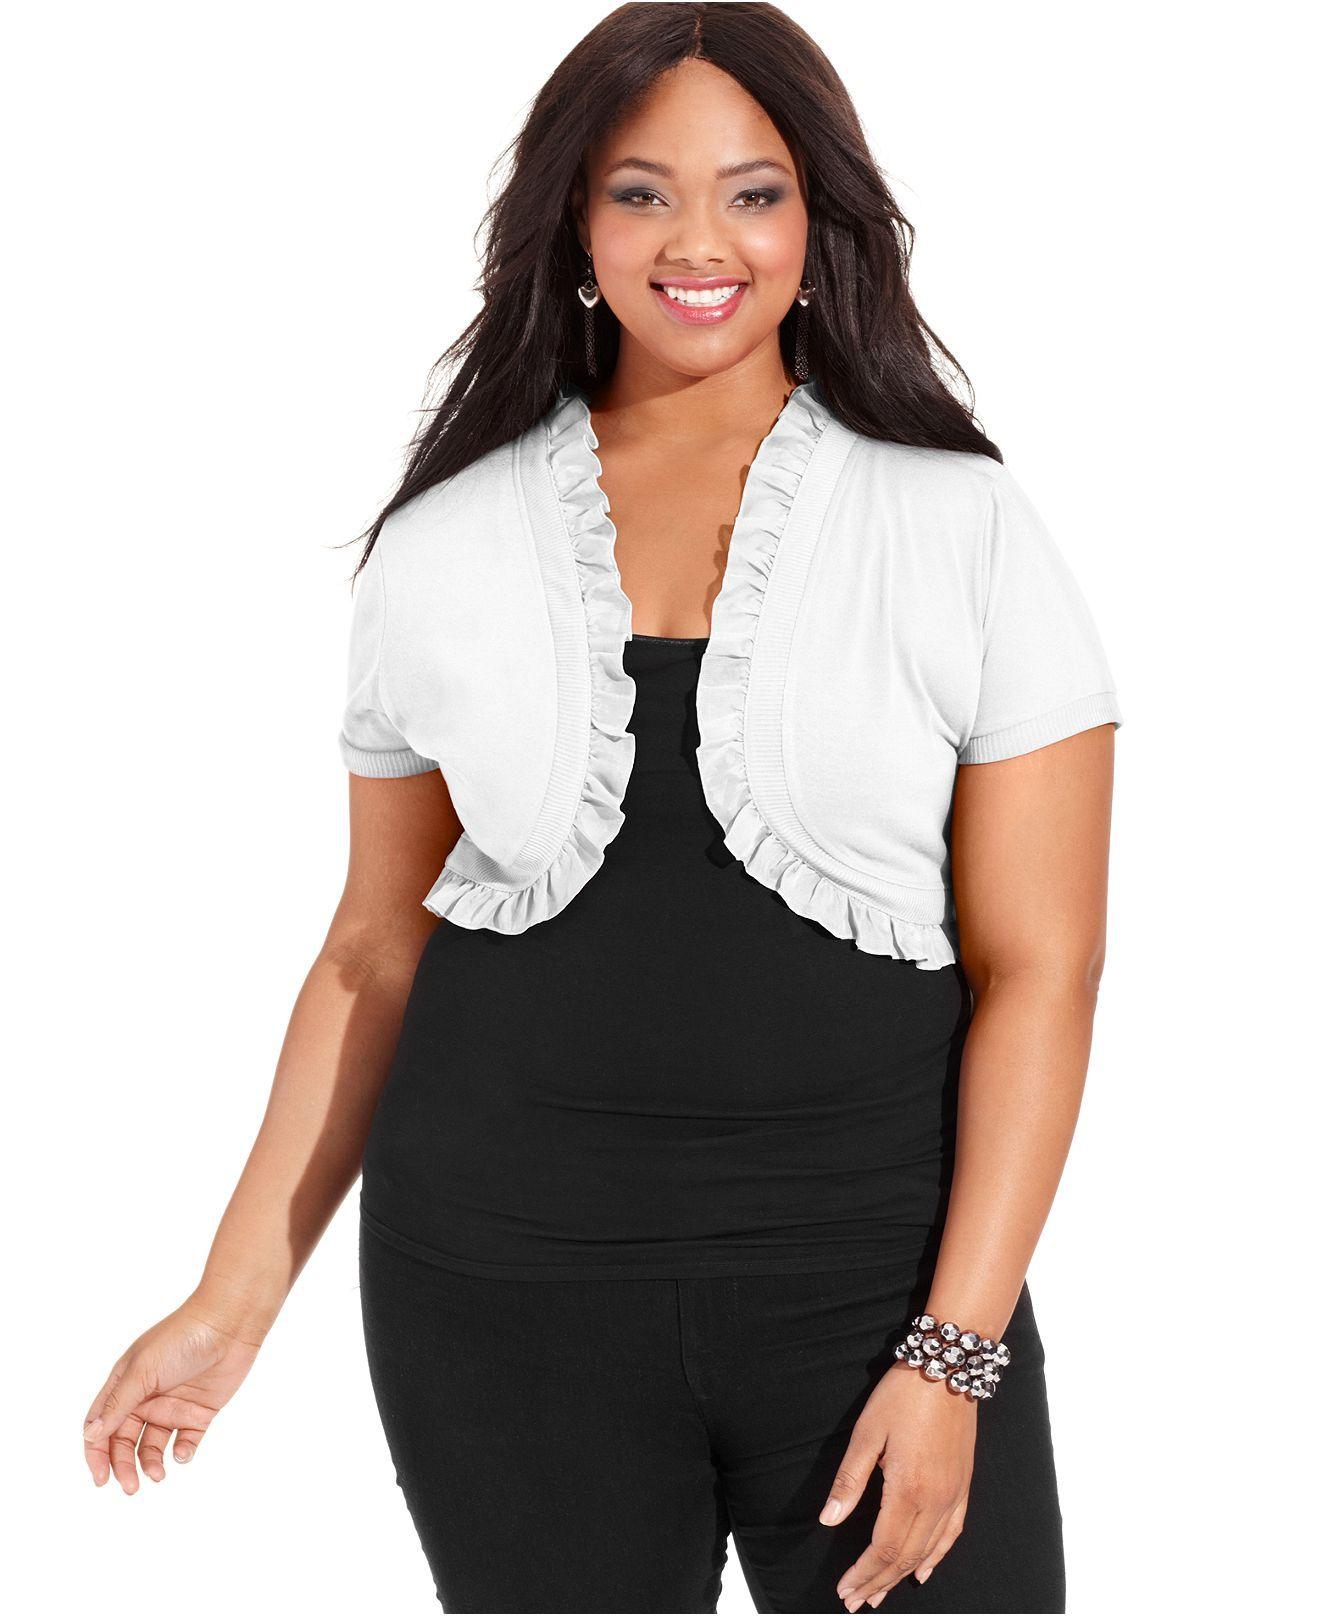 Extra Touch Plus Size Cardigan, Short-Sleeve Ruffle Shrug - Junior ...